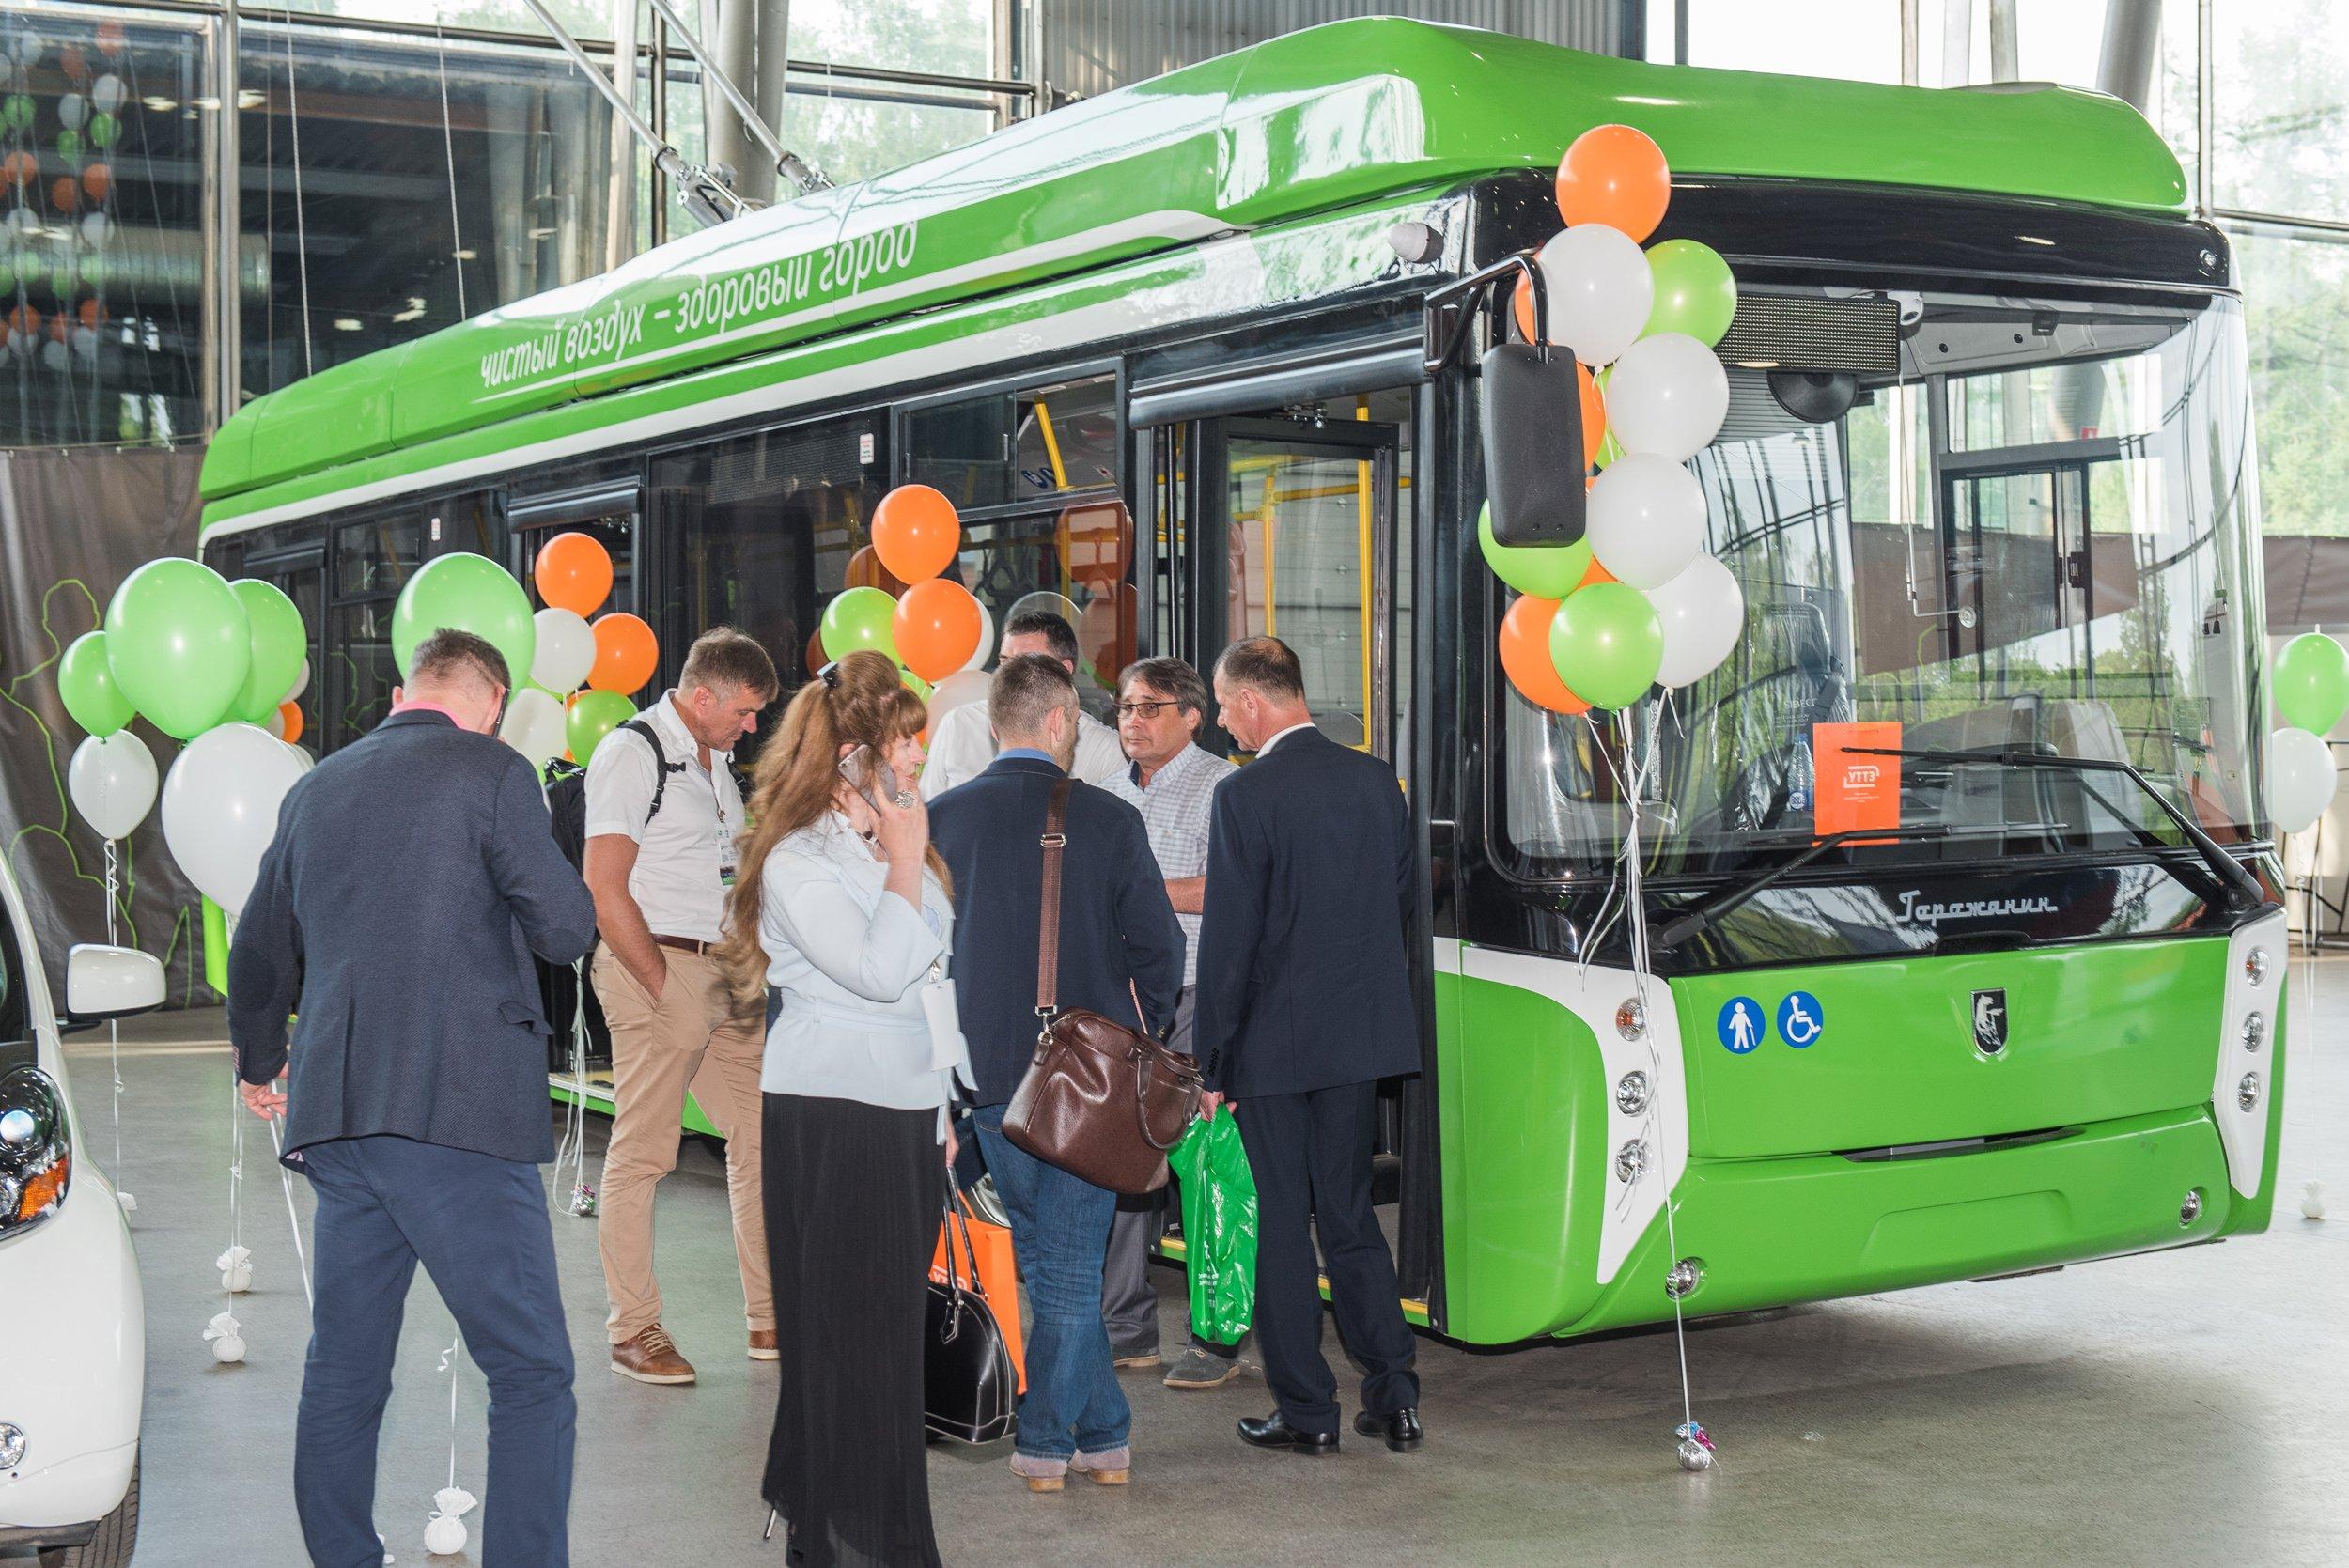 Выставки Российской недели общественного транспорта пройдут в Экспоцентре